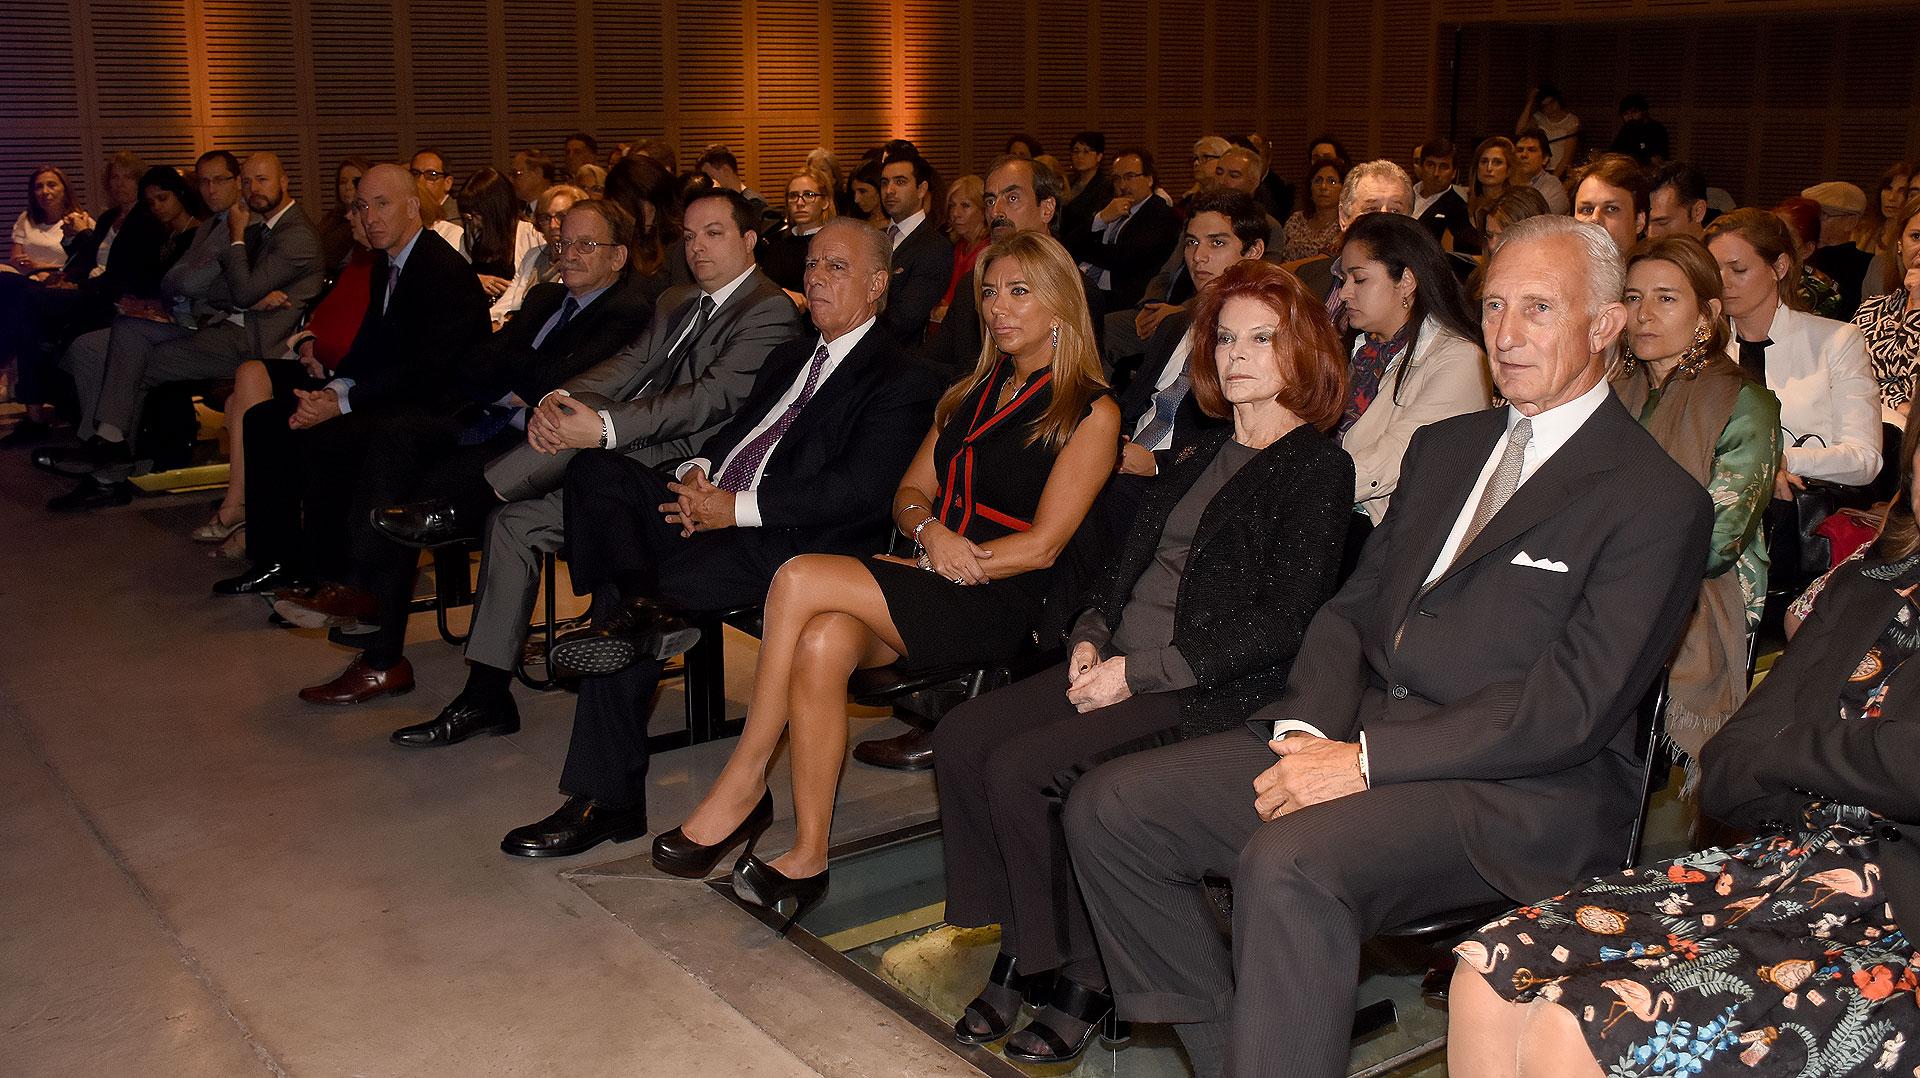 El primera fila: el embajador británico Mark Kent; el presidente de la DAIA, Ariel Cohen Sabban; Alejandro y Bettina Bulgheroni; Lili Sielecki y Jorge Neuss